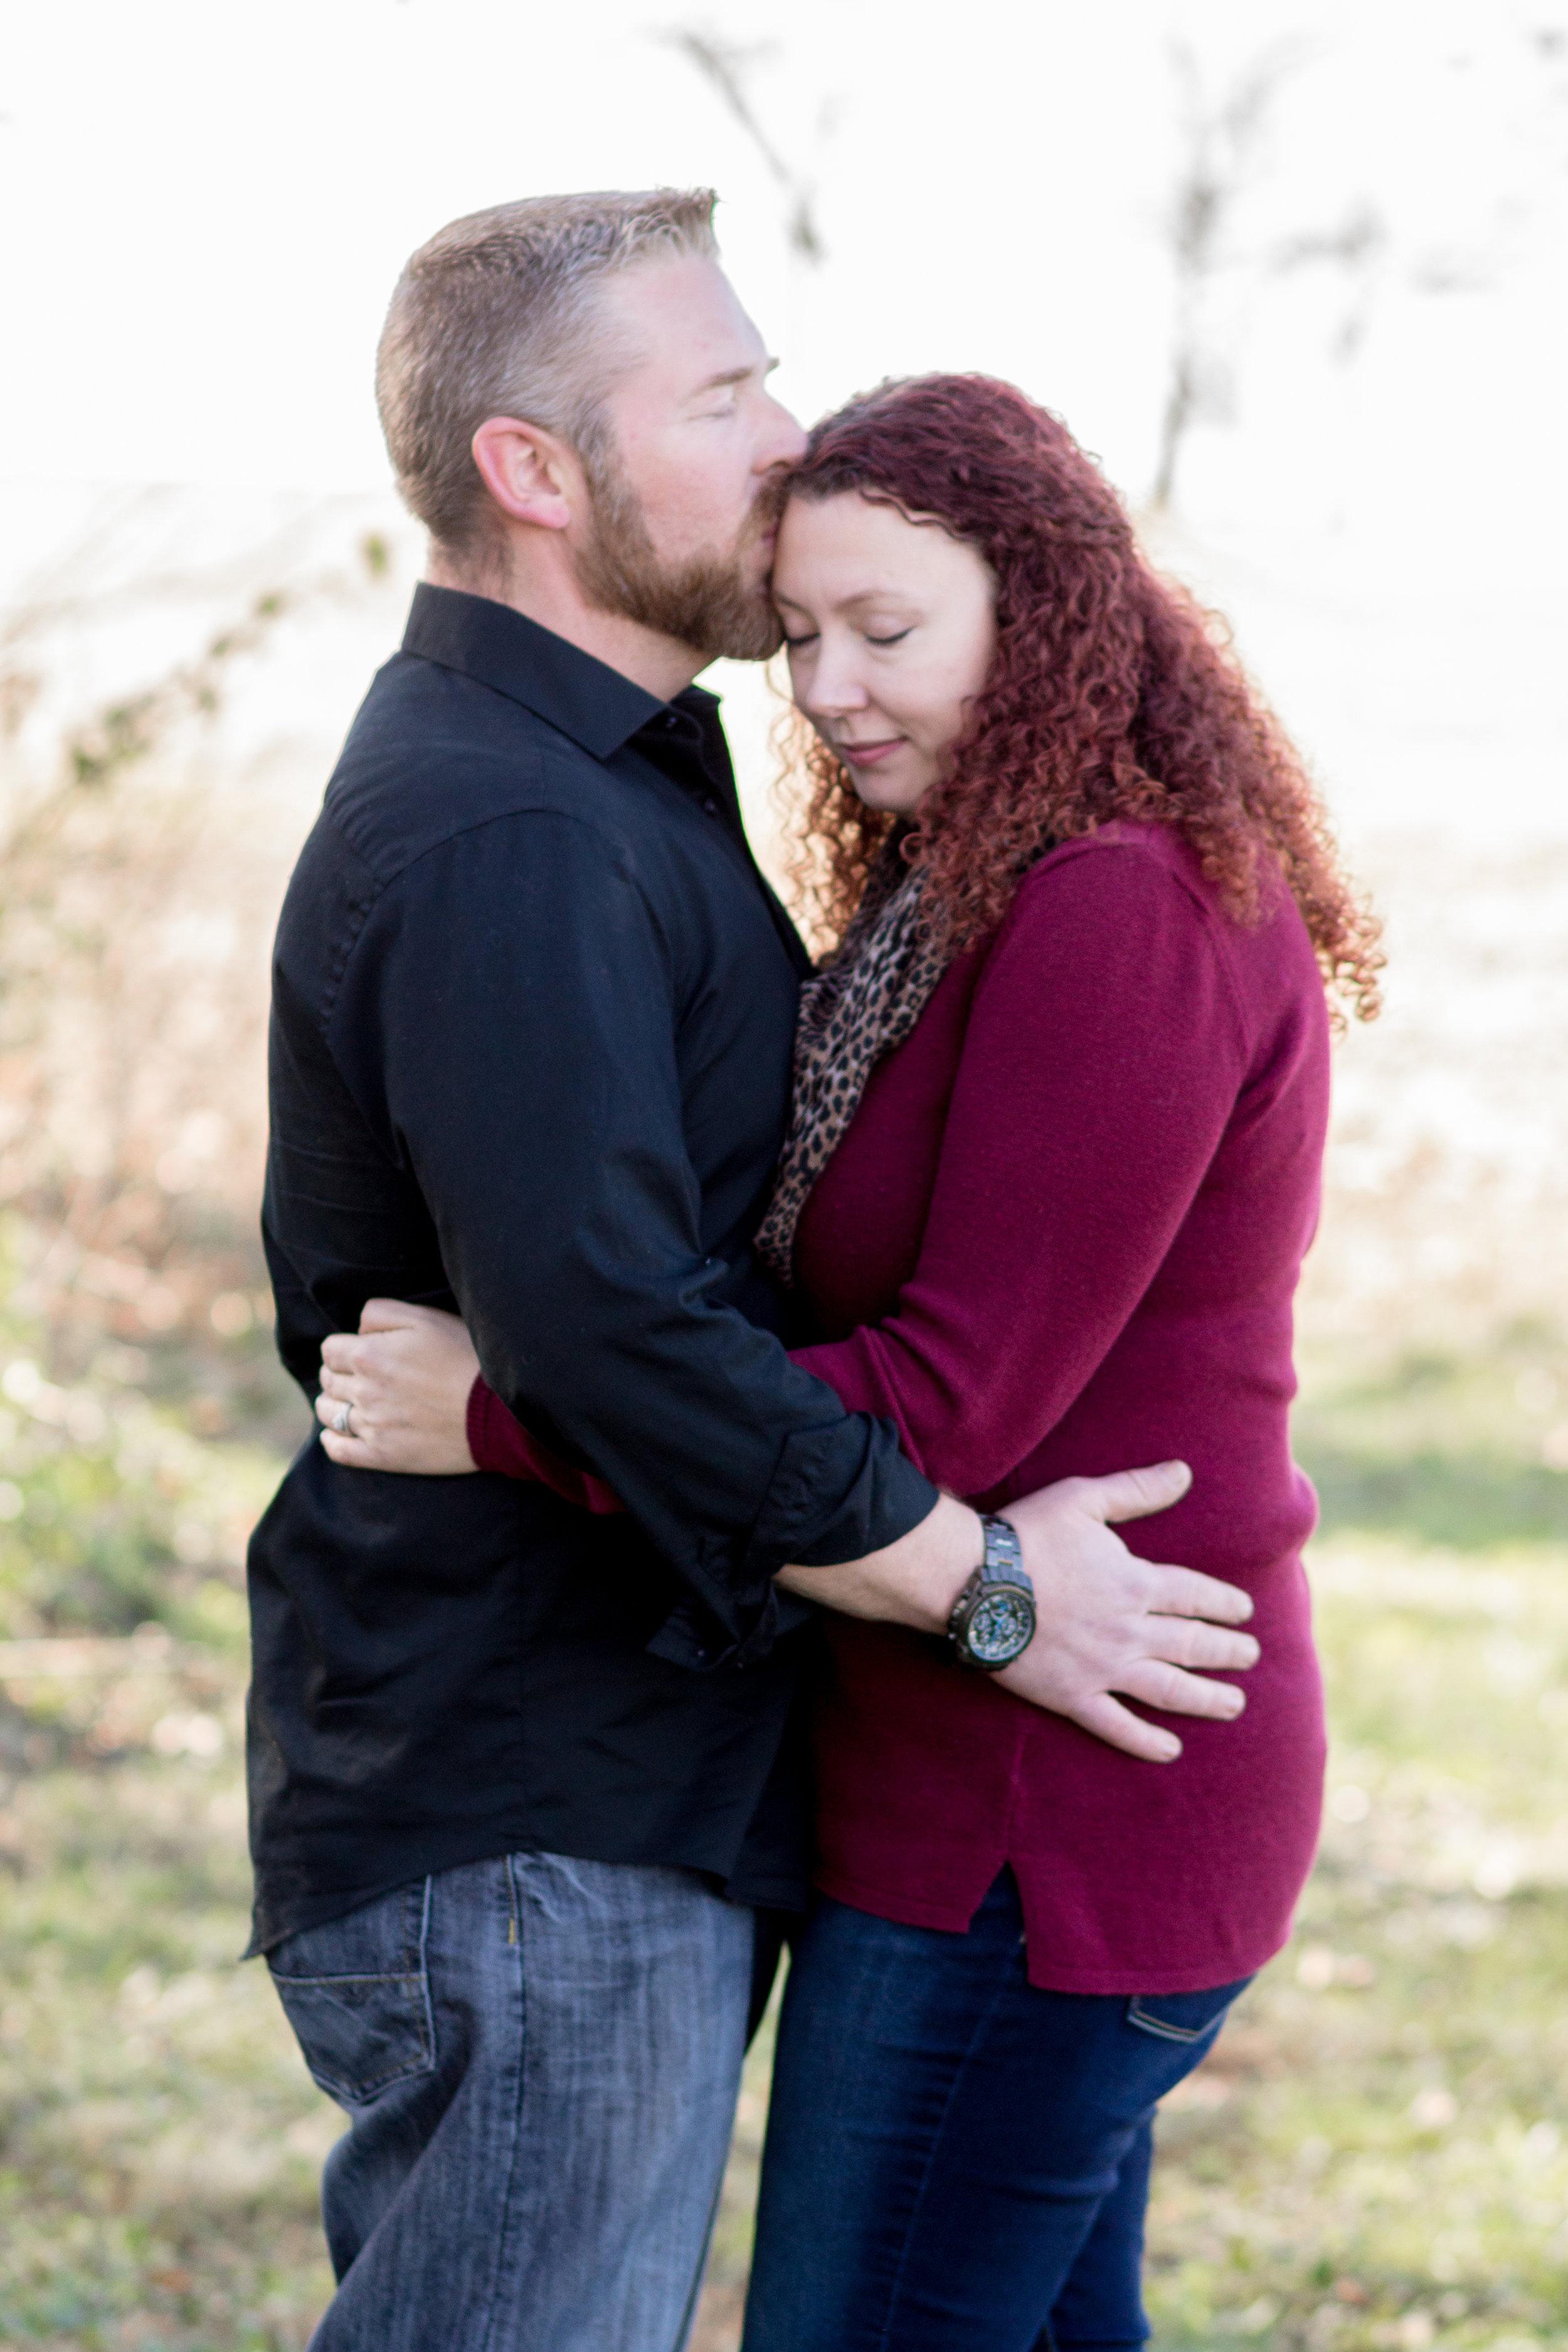 philadelphia-lifestyle-photography-couple-session-lytle-photo-company (13).jpg